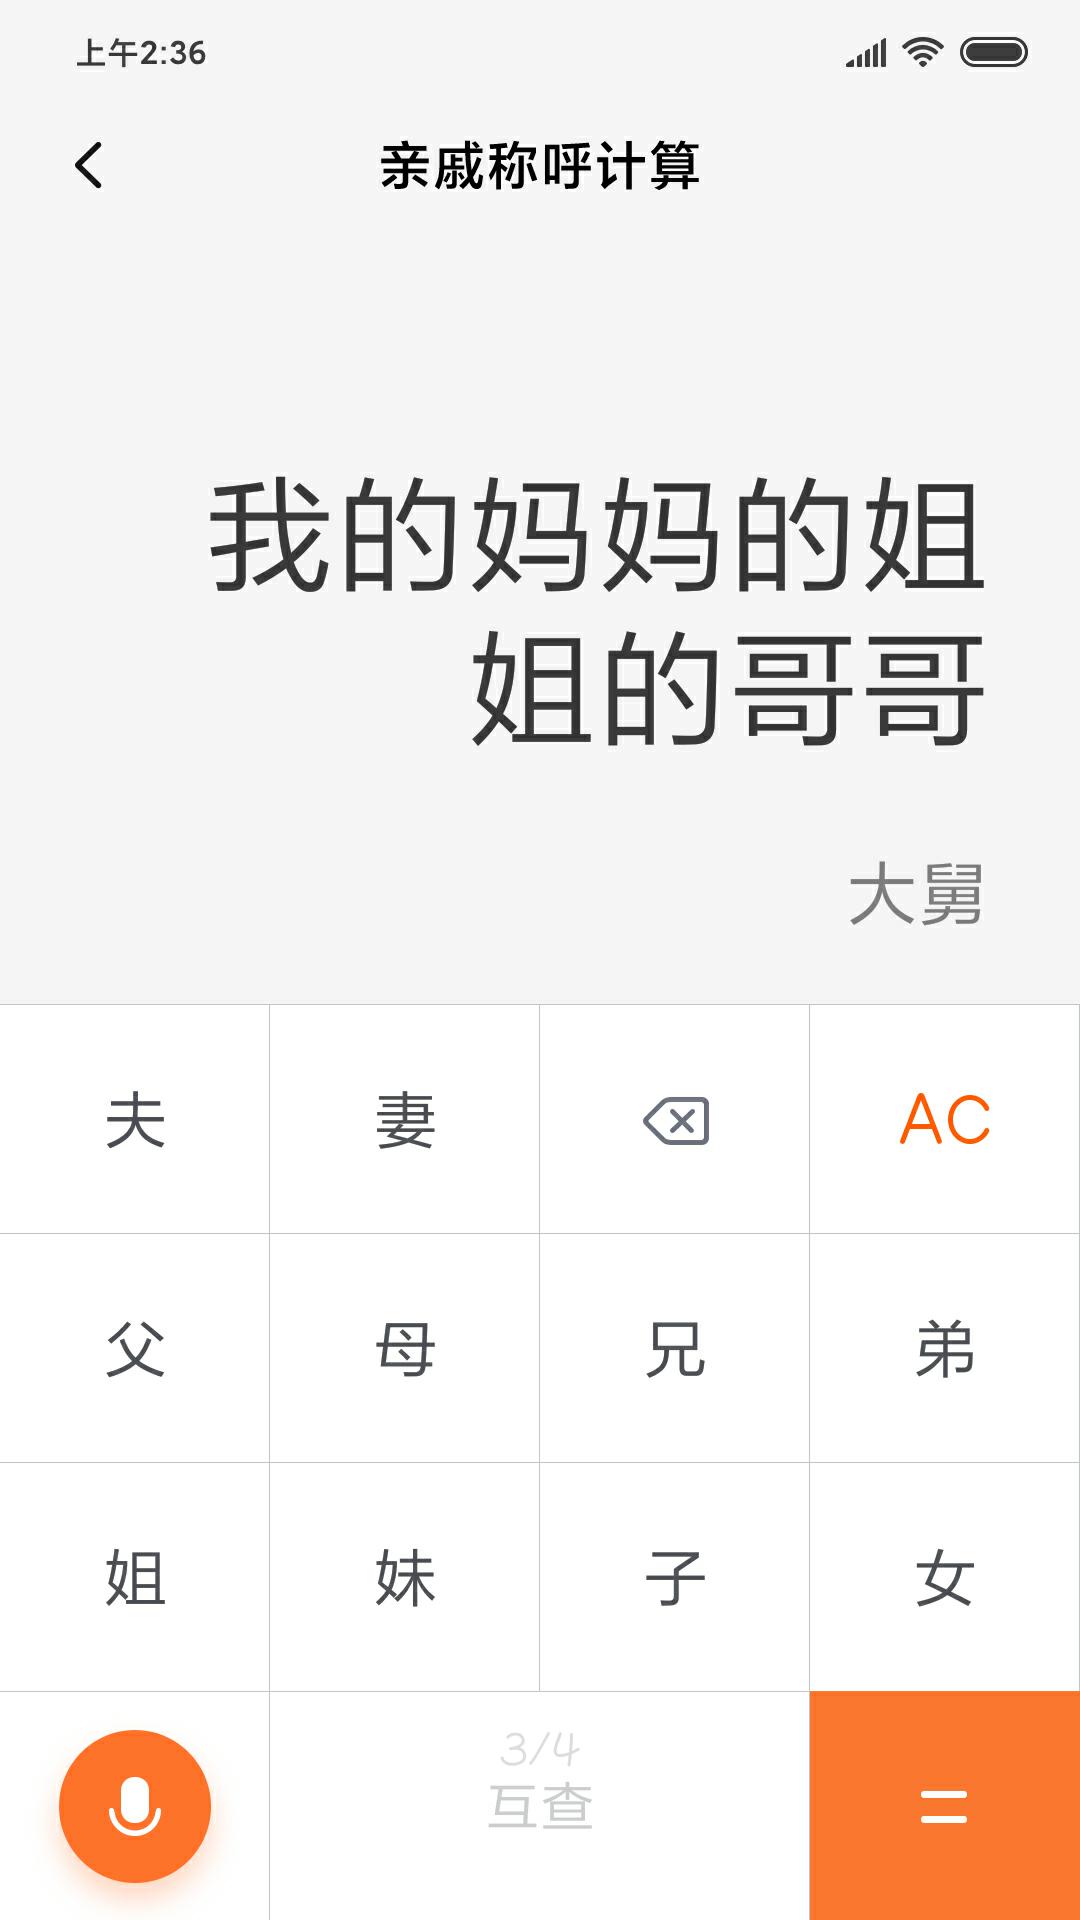 【分享】小米计算器 10.1.19